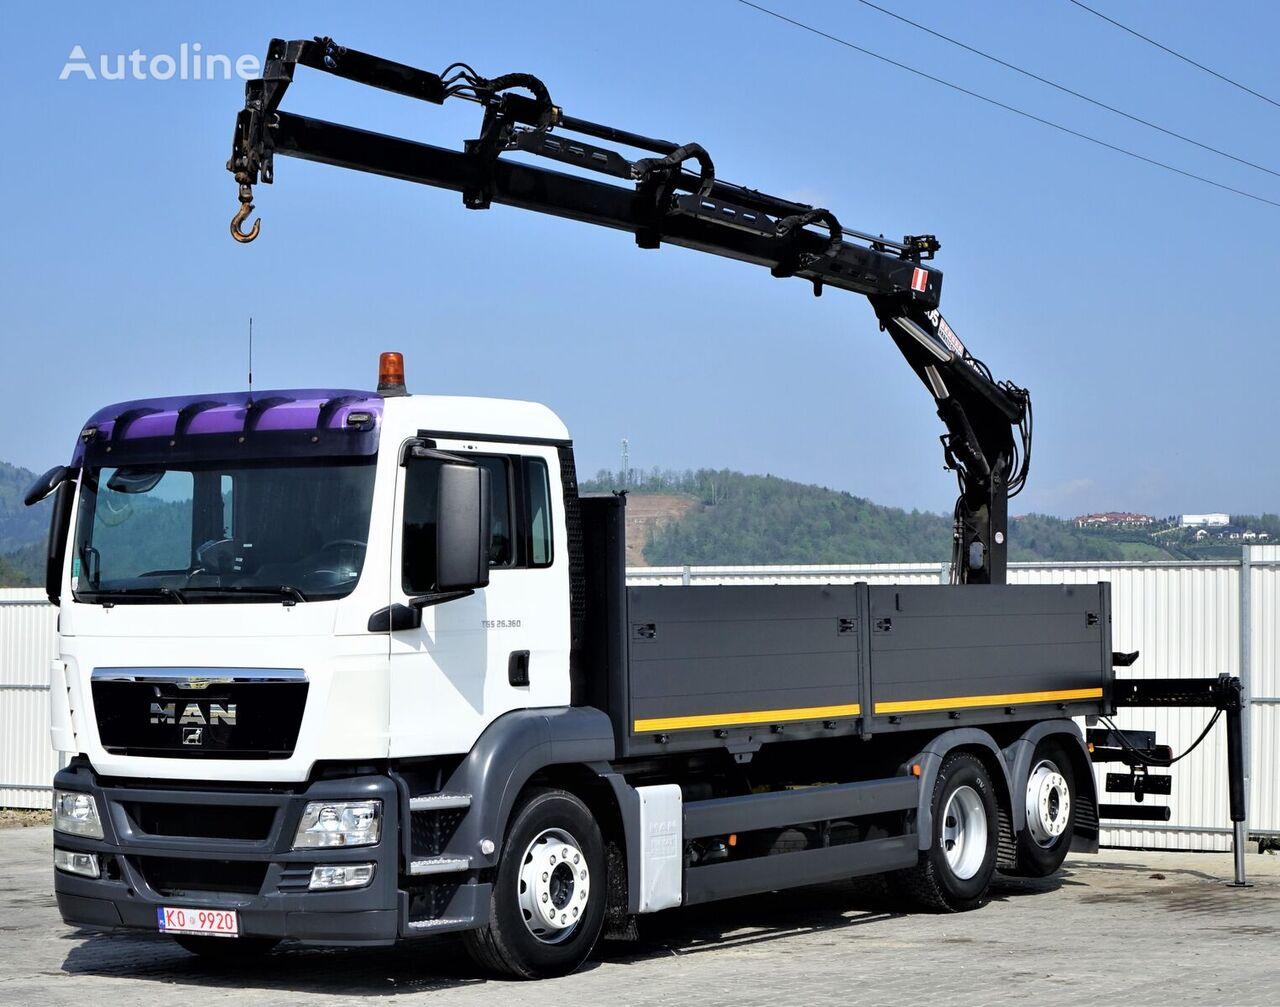 MAN TGS 26.360 camión caja abierta